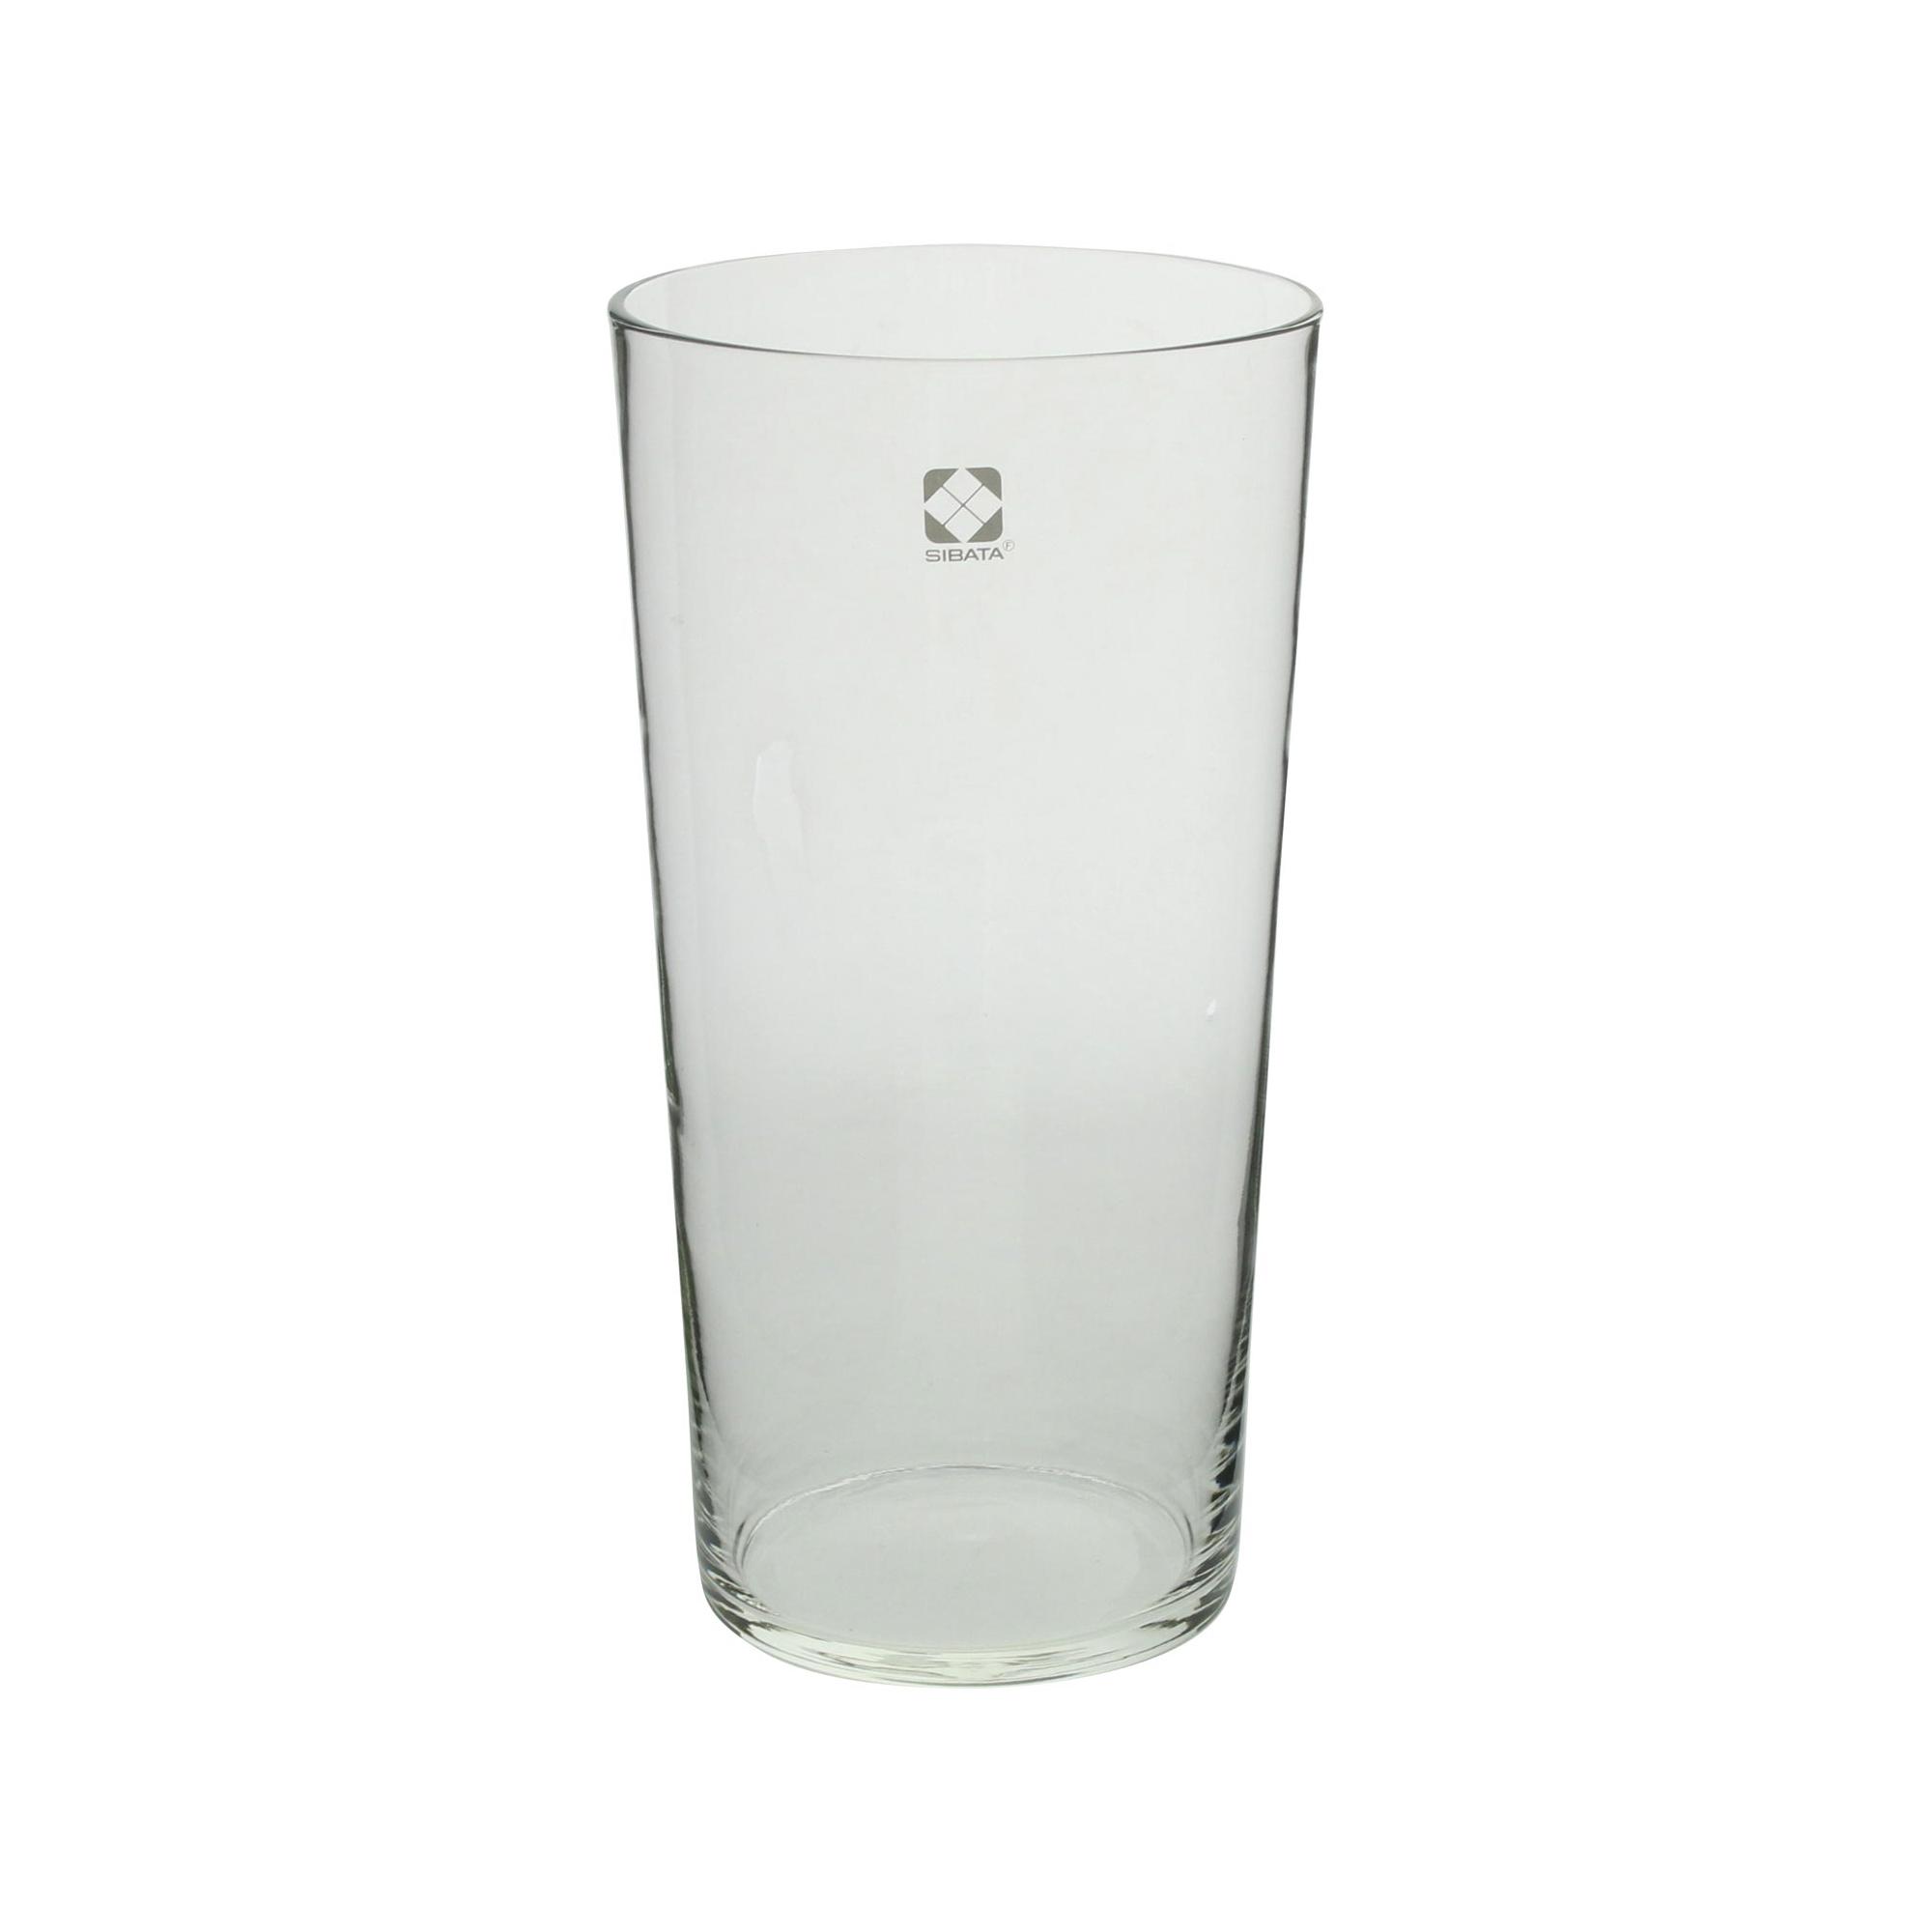 ダストジャーH型用 ガラス円筒 外径φ137mm 高さ250mm 内径φ127mm